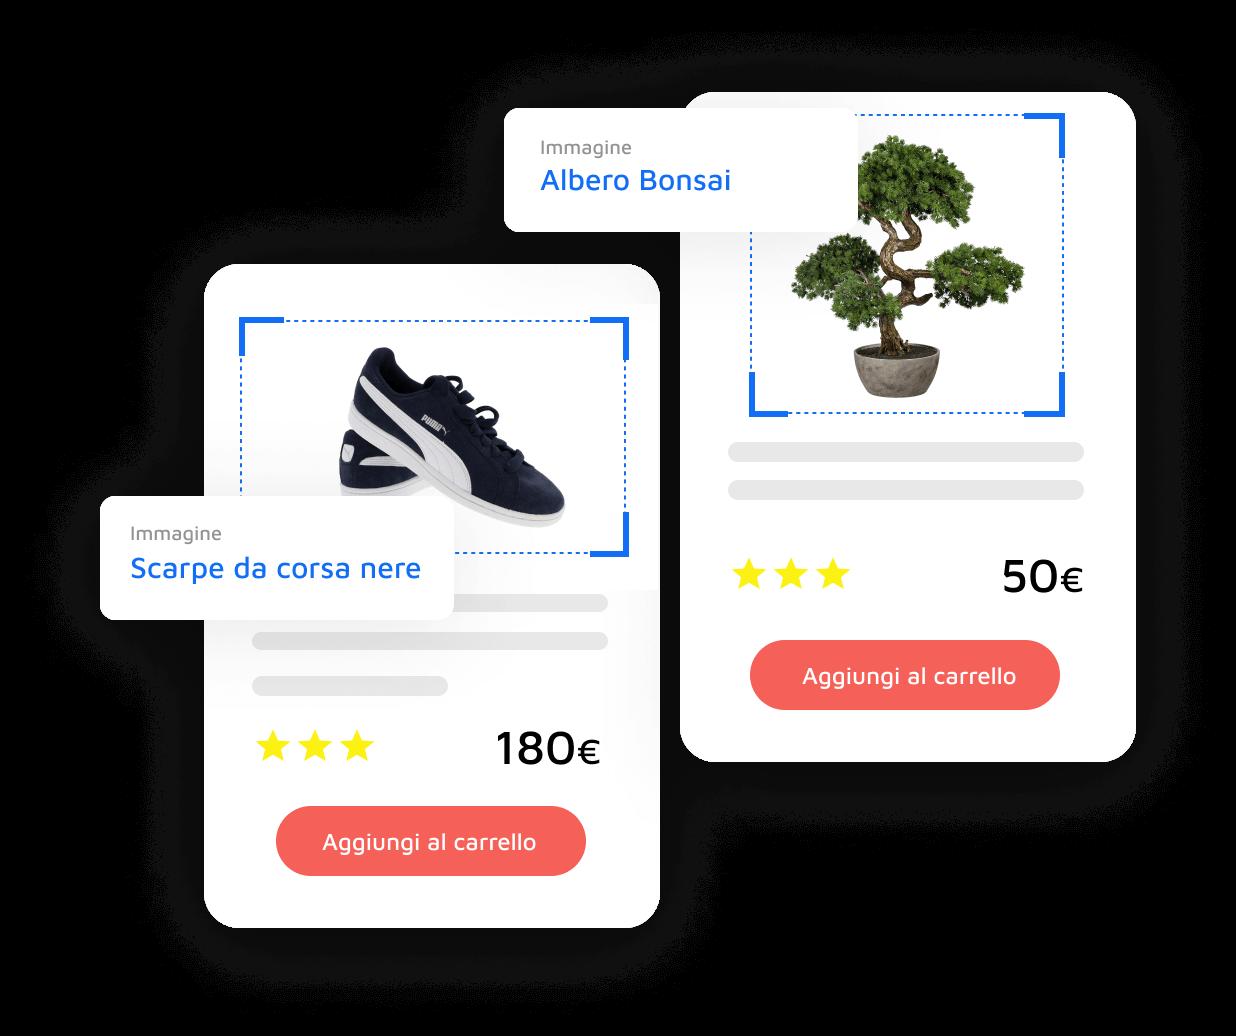 Illustrazione di AccessWay che riconosce l'immagine di un Bonsai ed un paio di scarpe nere